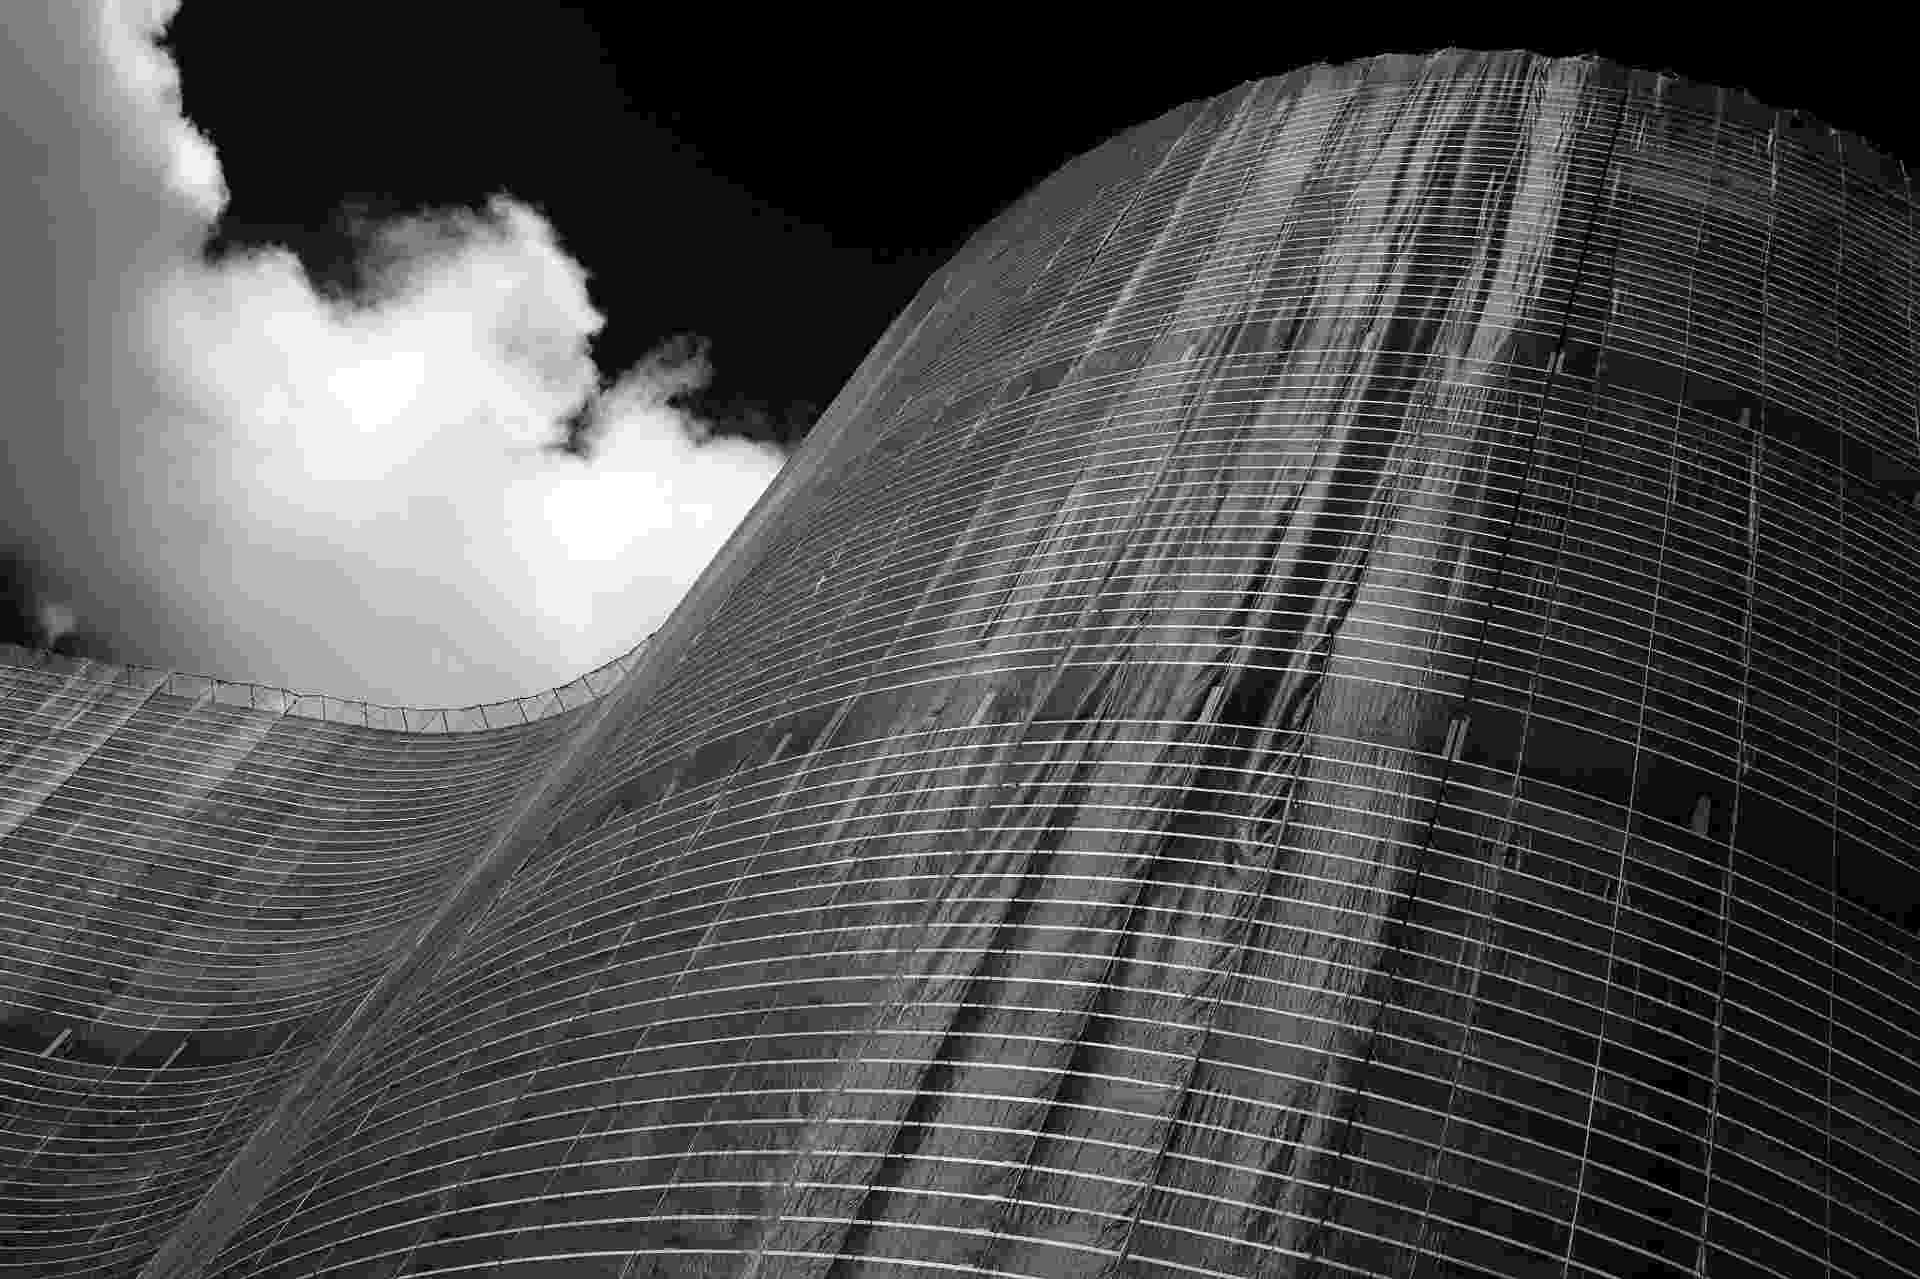 24.mai.2016 - No endereço, está o suntuoso edifício Copan, projetado para ser símbolo do crescimento da capital paulista e da sua transformação em uma grande metrópole. Cinco séculos depois da sua inauguração, a fachada do Copan está sendo restaurada, com a substituição das pastilhas, que deve ter duração de três anos - Flavio Florido/UOL